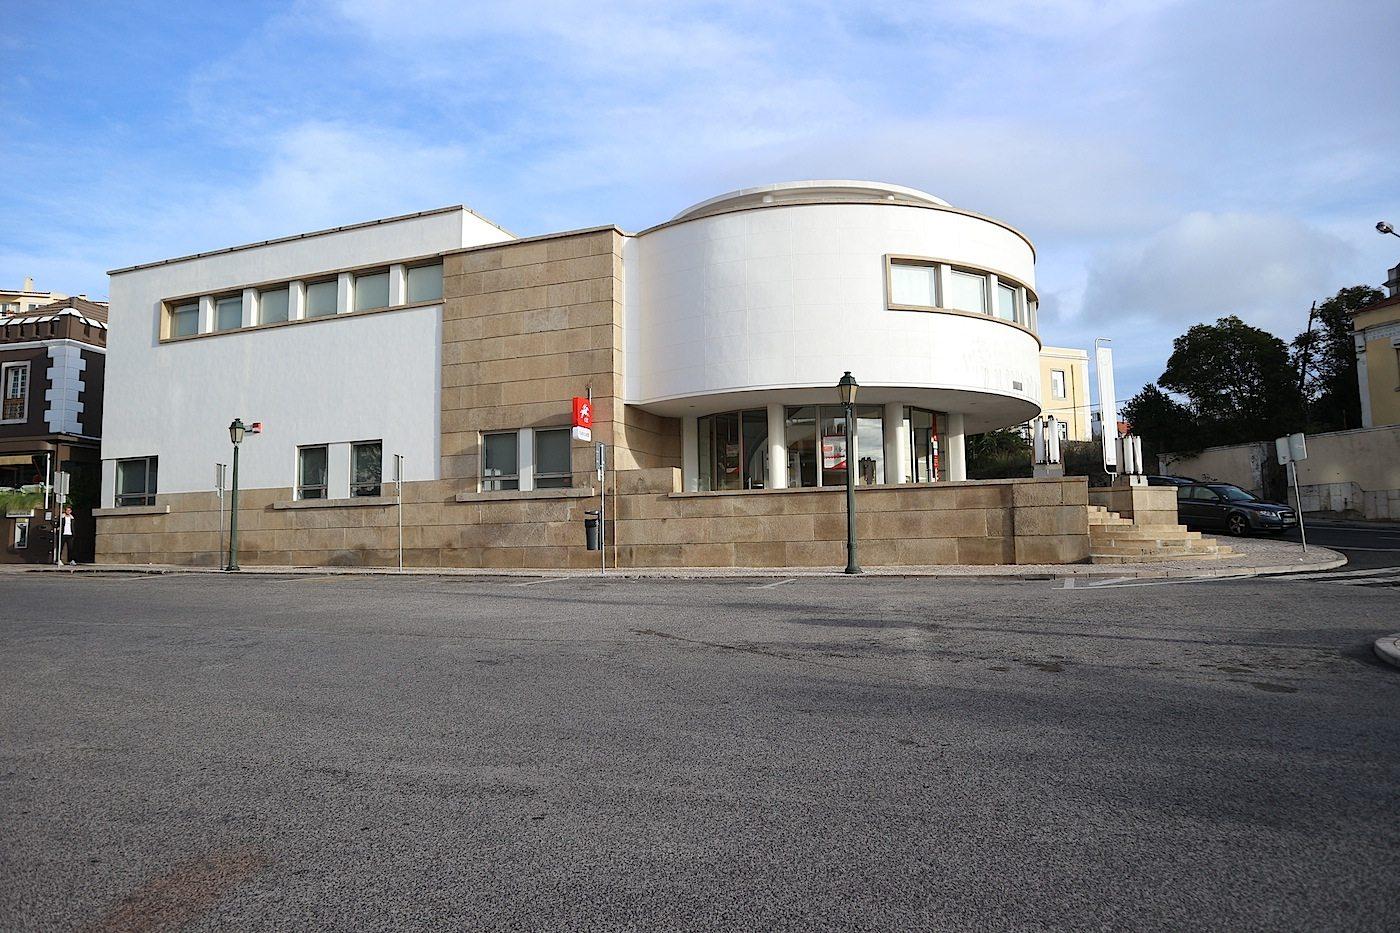 """Postamt Estoril. Der Bau wie viele andere aus jener Ära stand für die moderne Architektursprache des """"Estado Novo"""", des neuen Staates."""